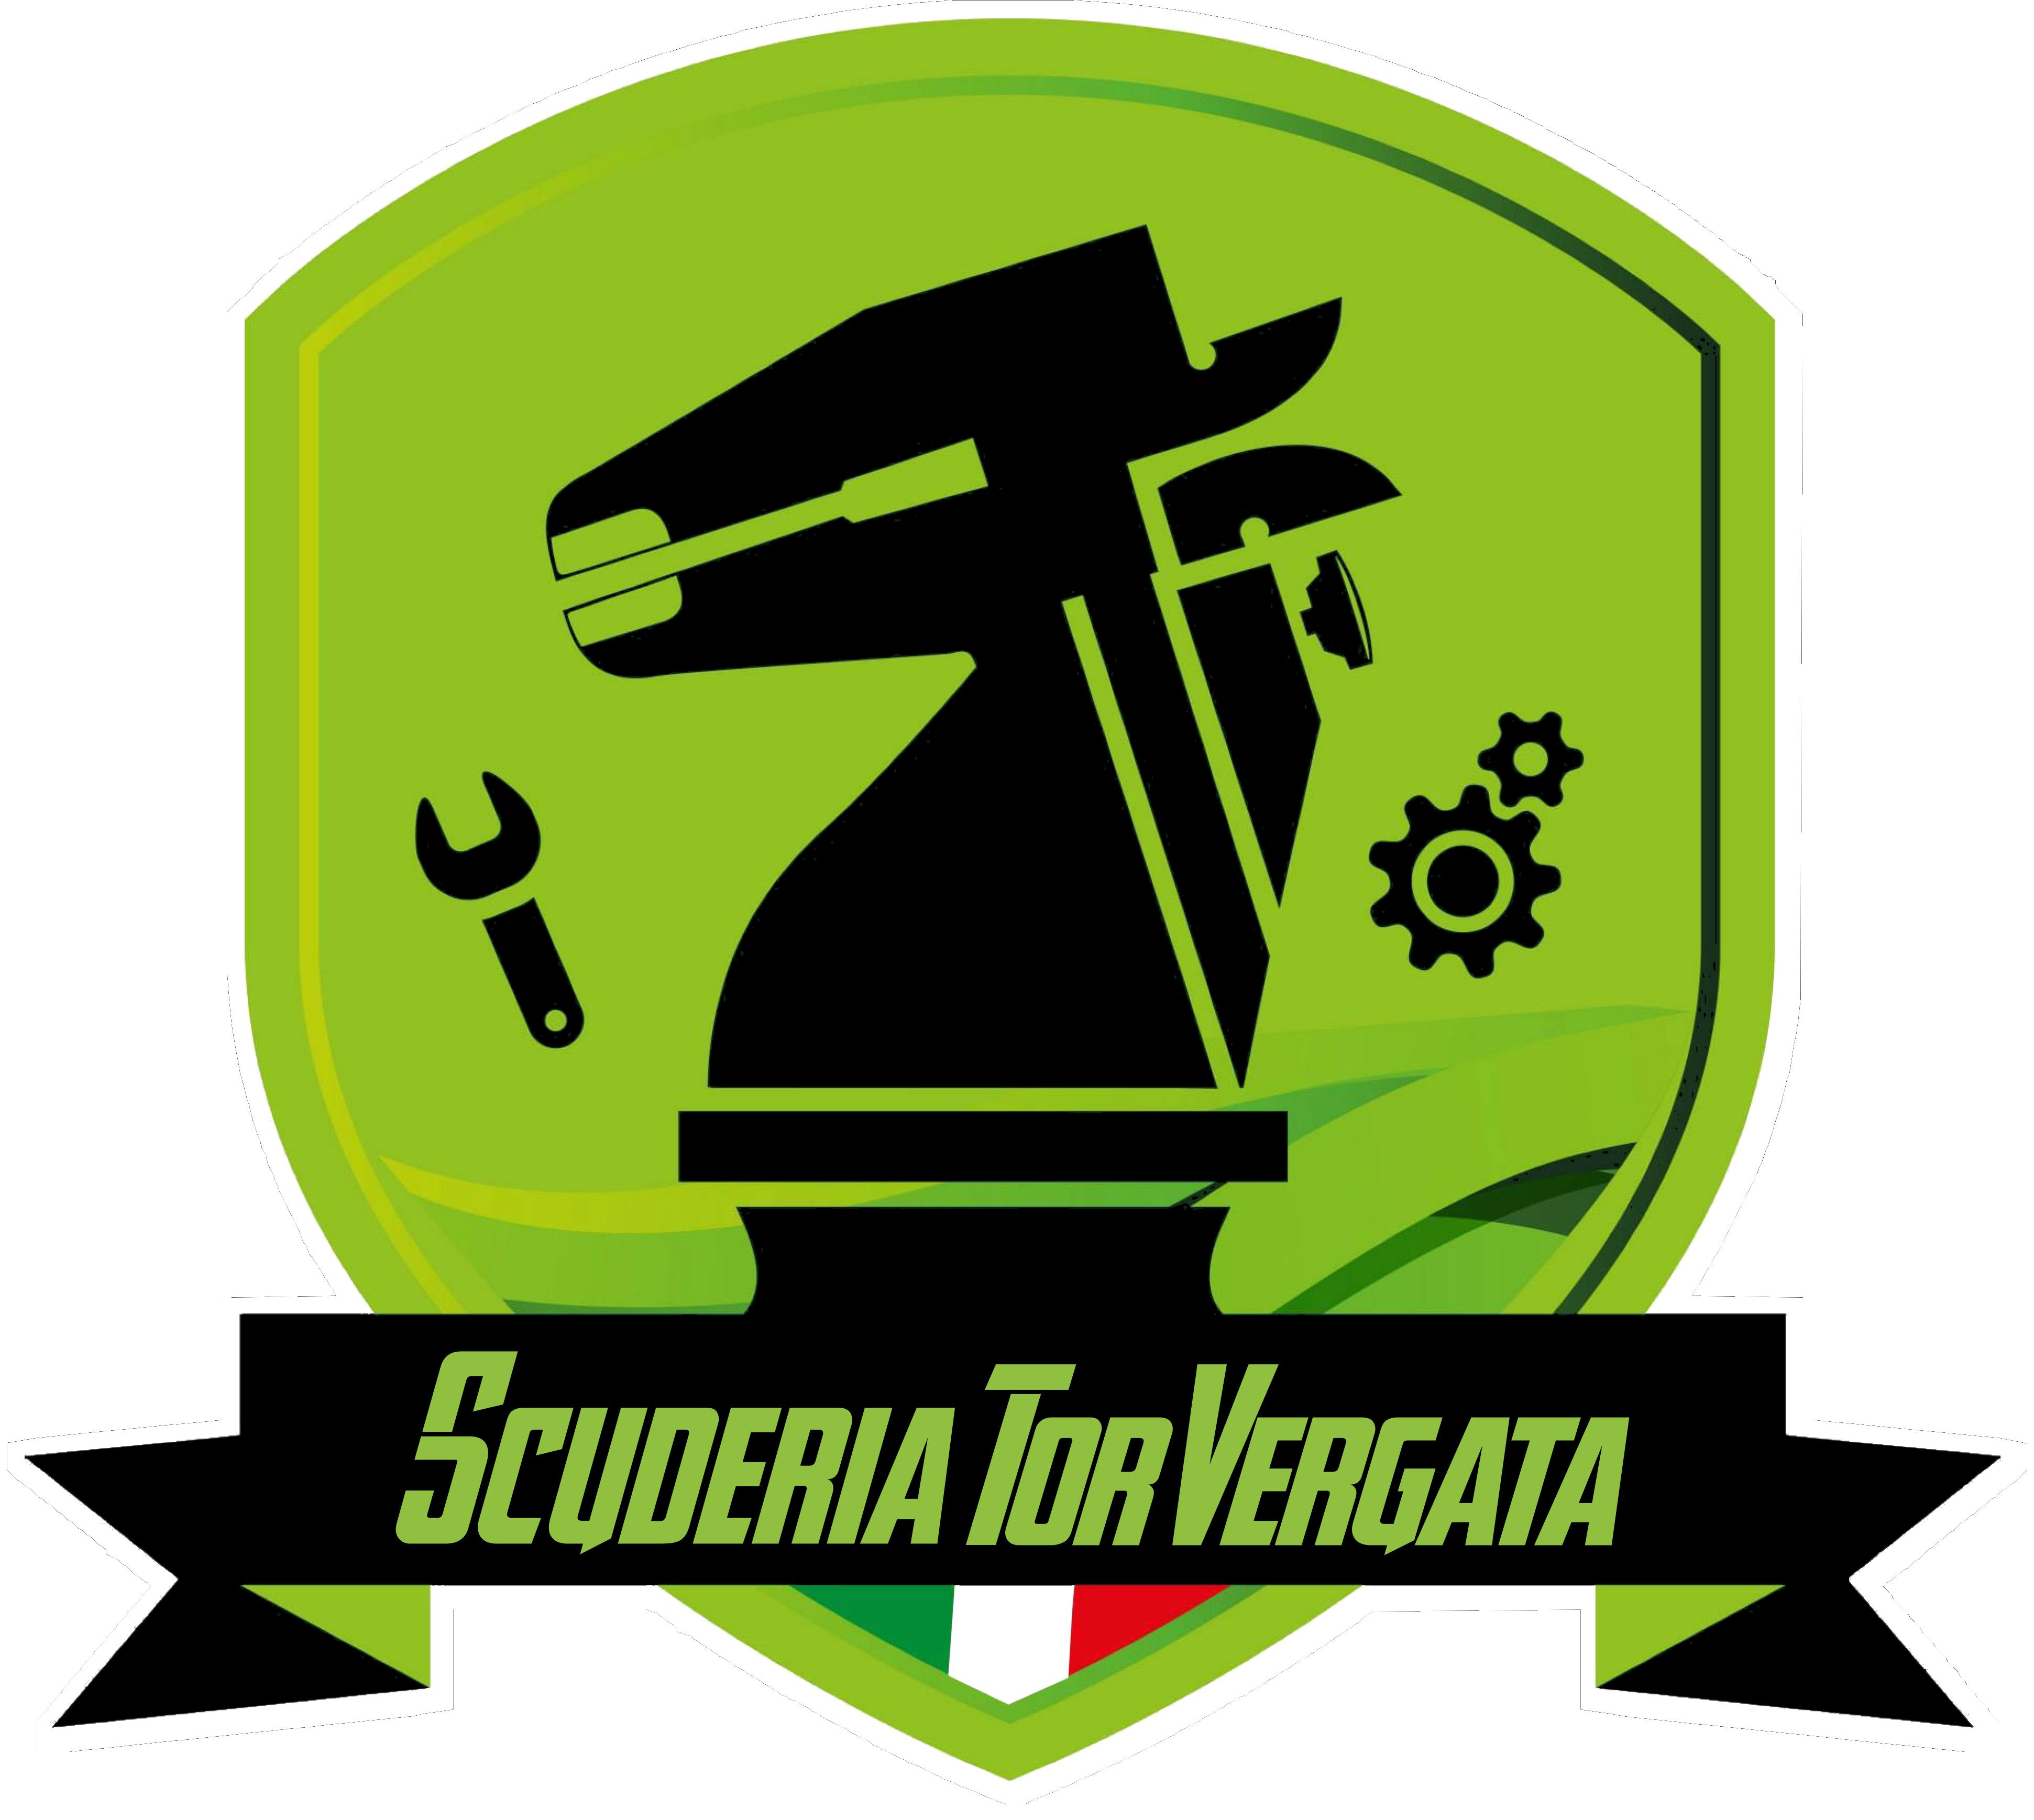 Scuderia TorVergata